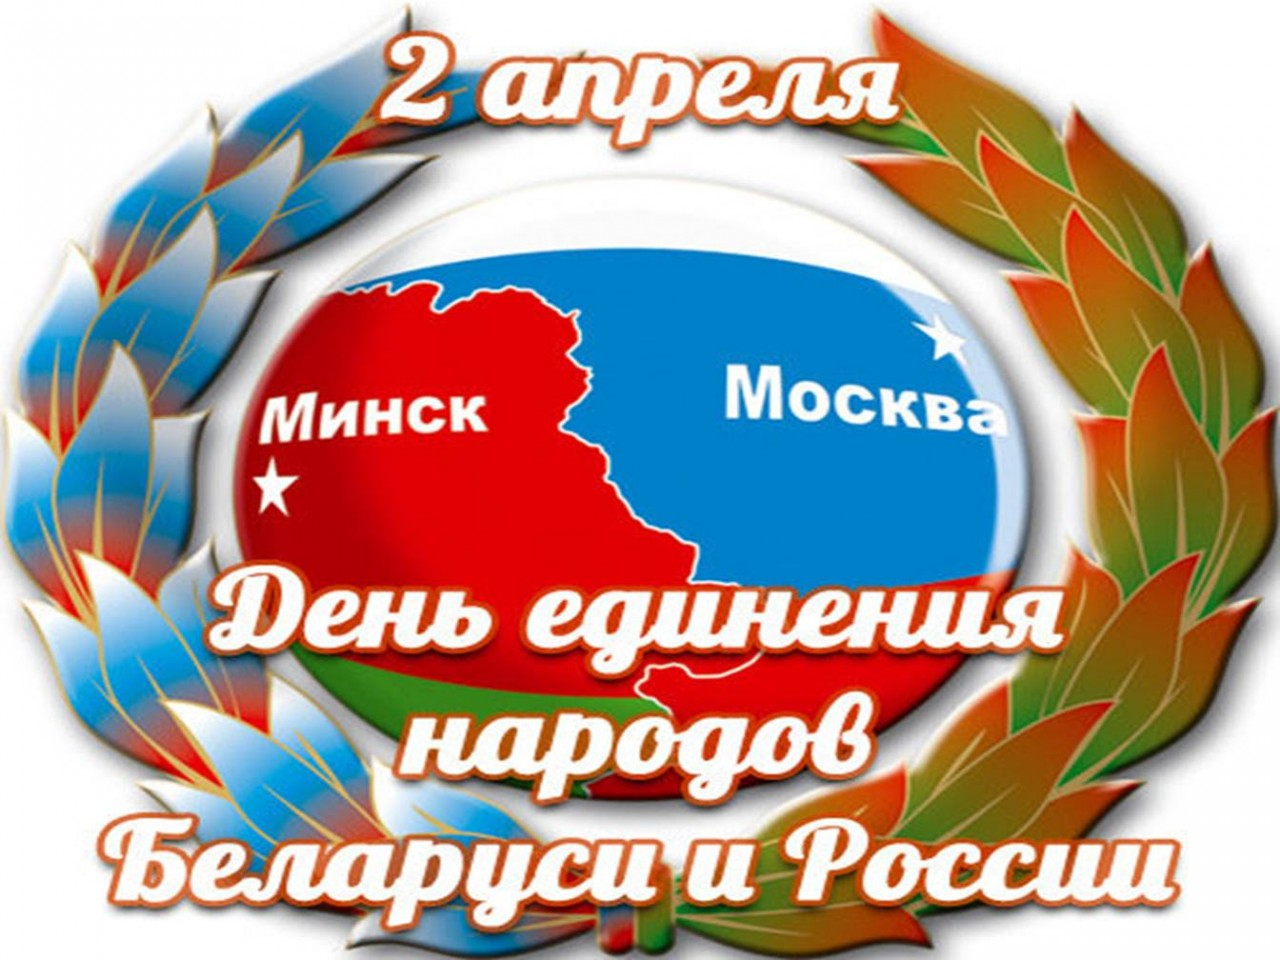 Владимир Путин поздравил с Днем единения народов России и Беларуси